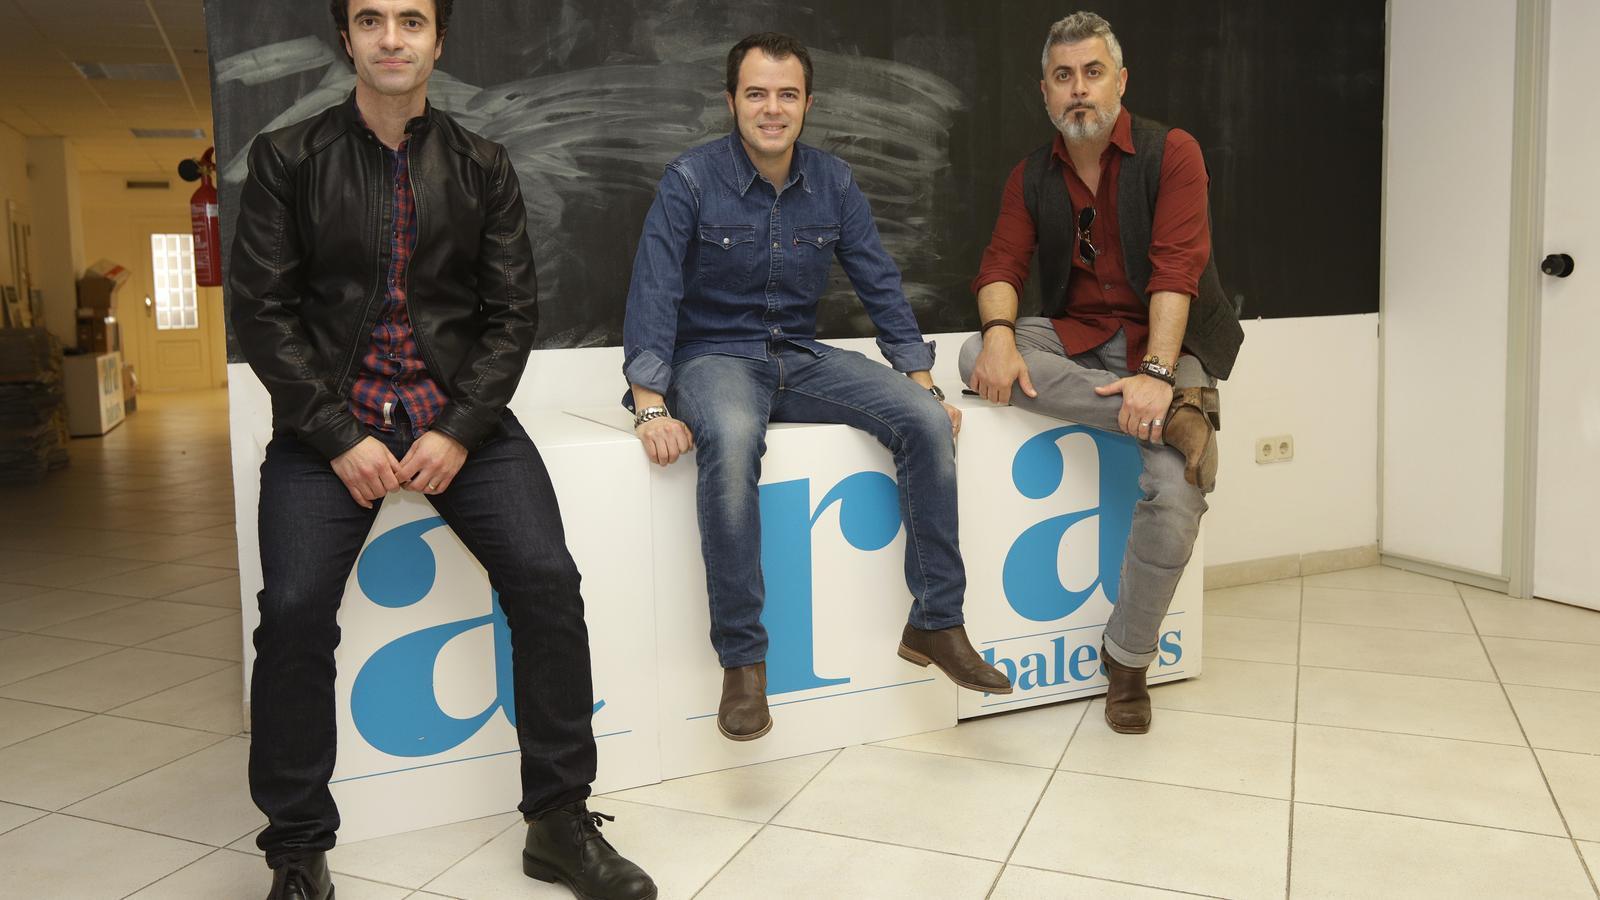 El grup mallorquí Anegats oferiran un concert el dia 30 d'abril a Lloseta